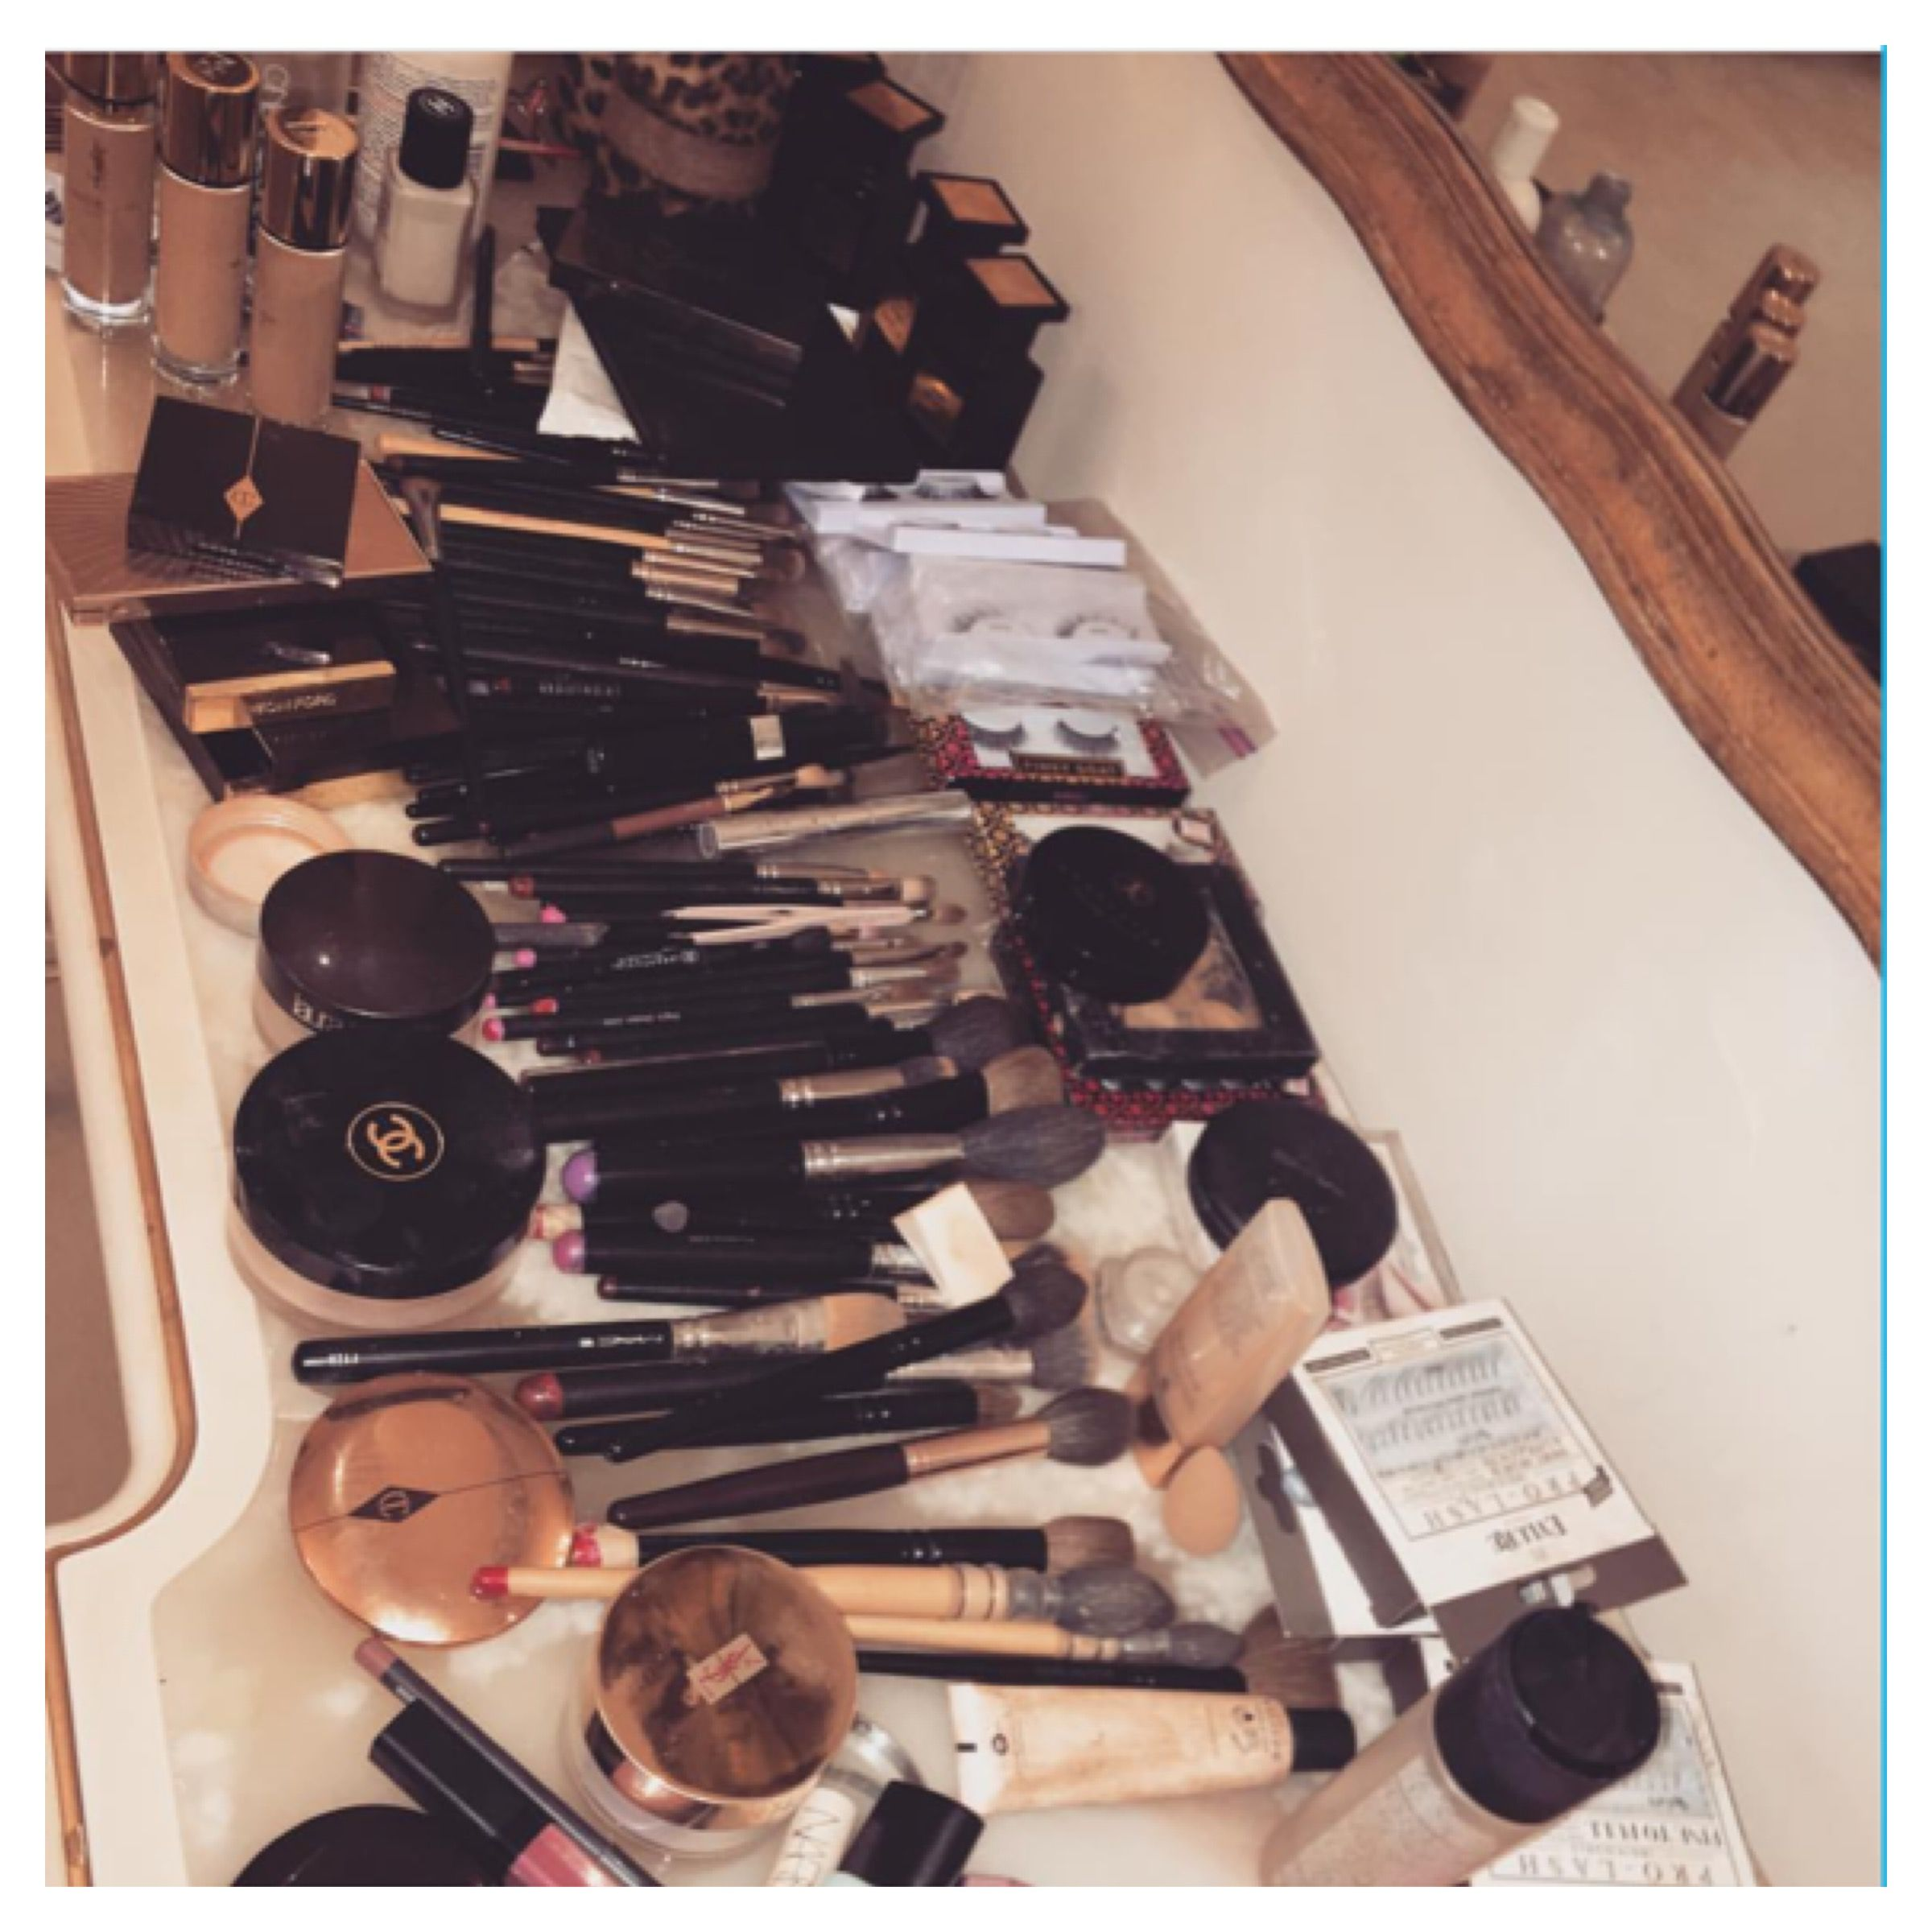 Make-up mess